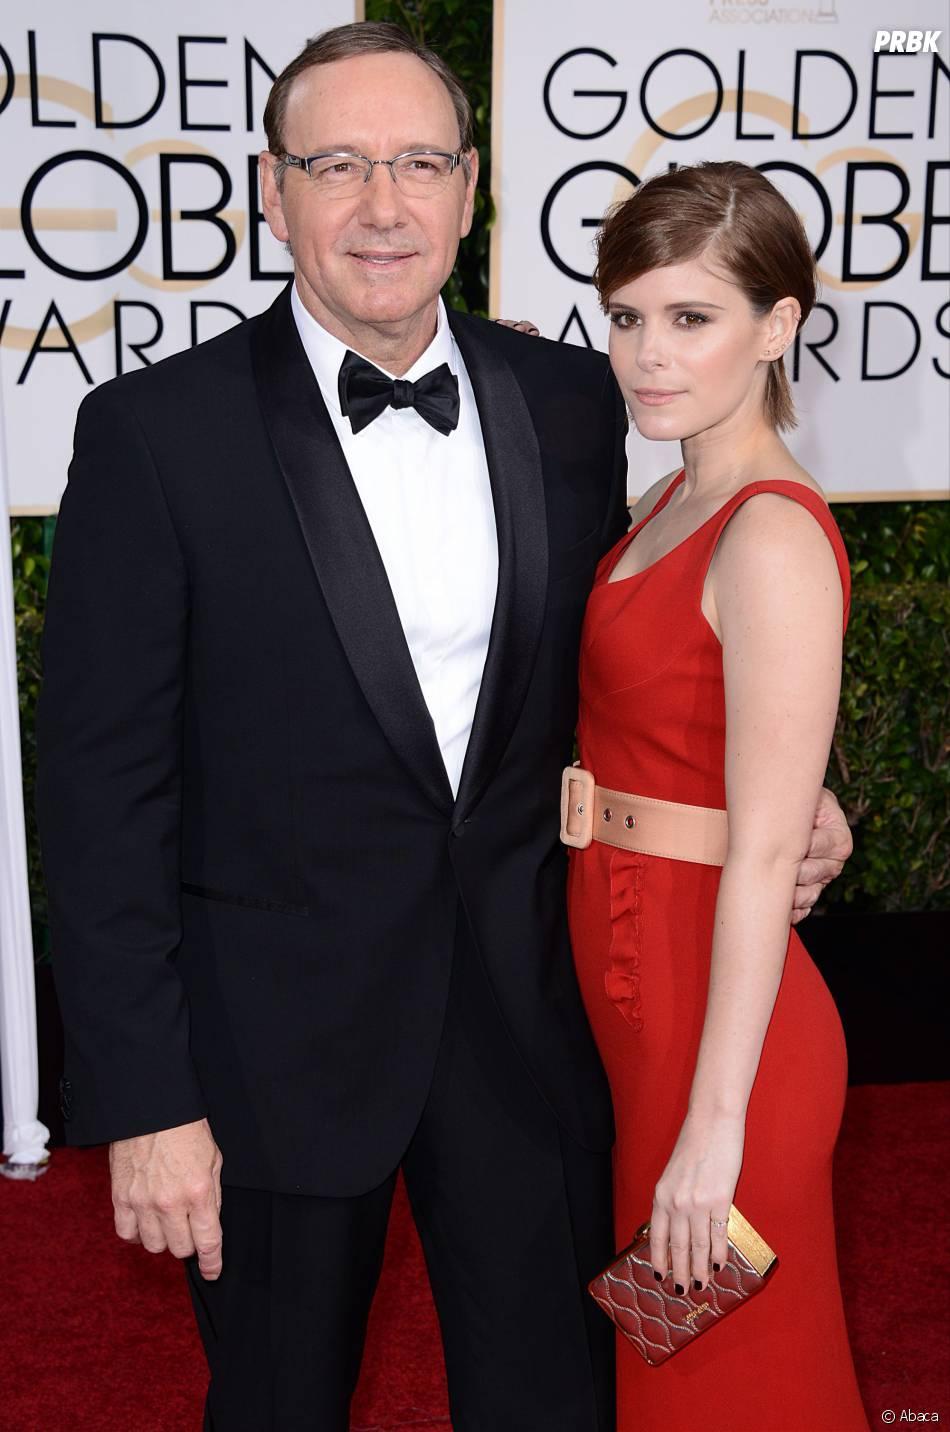 Kevin Spacey et Rooney Mara sur le tapis rouge des Golden Globes, le 11 janvier 2015 à Los Angeles